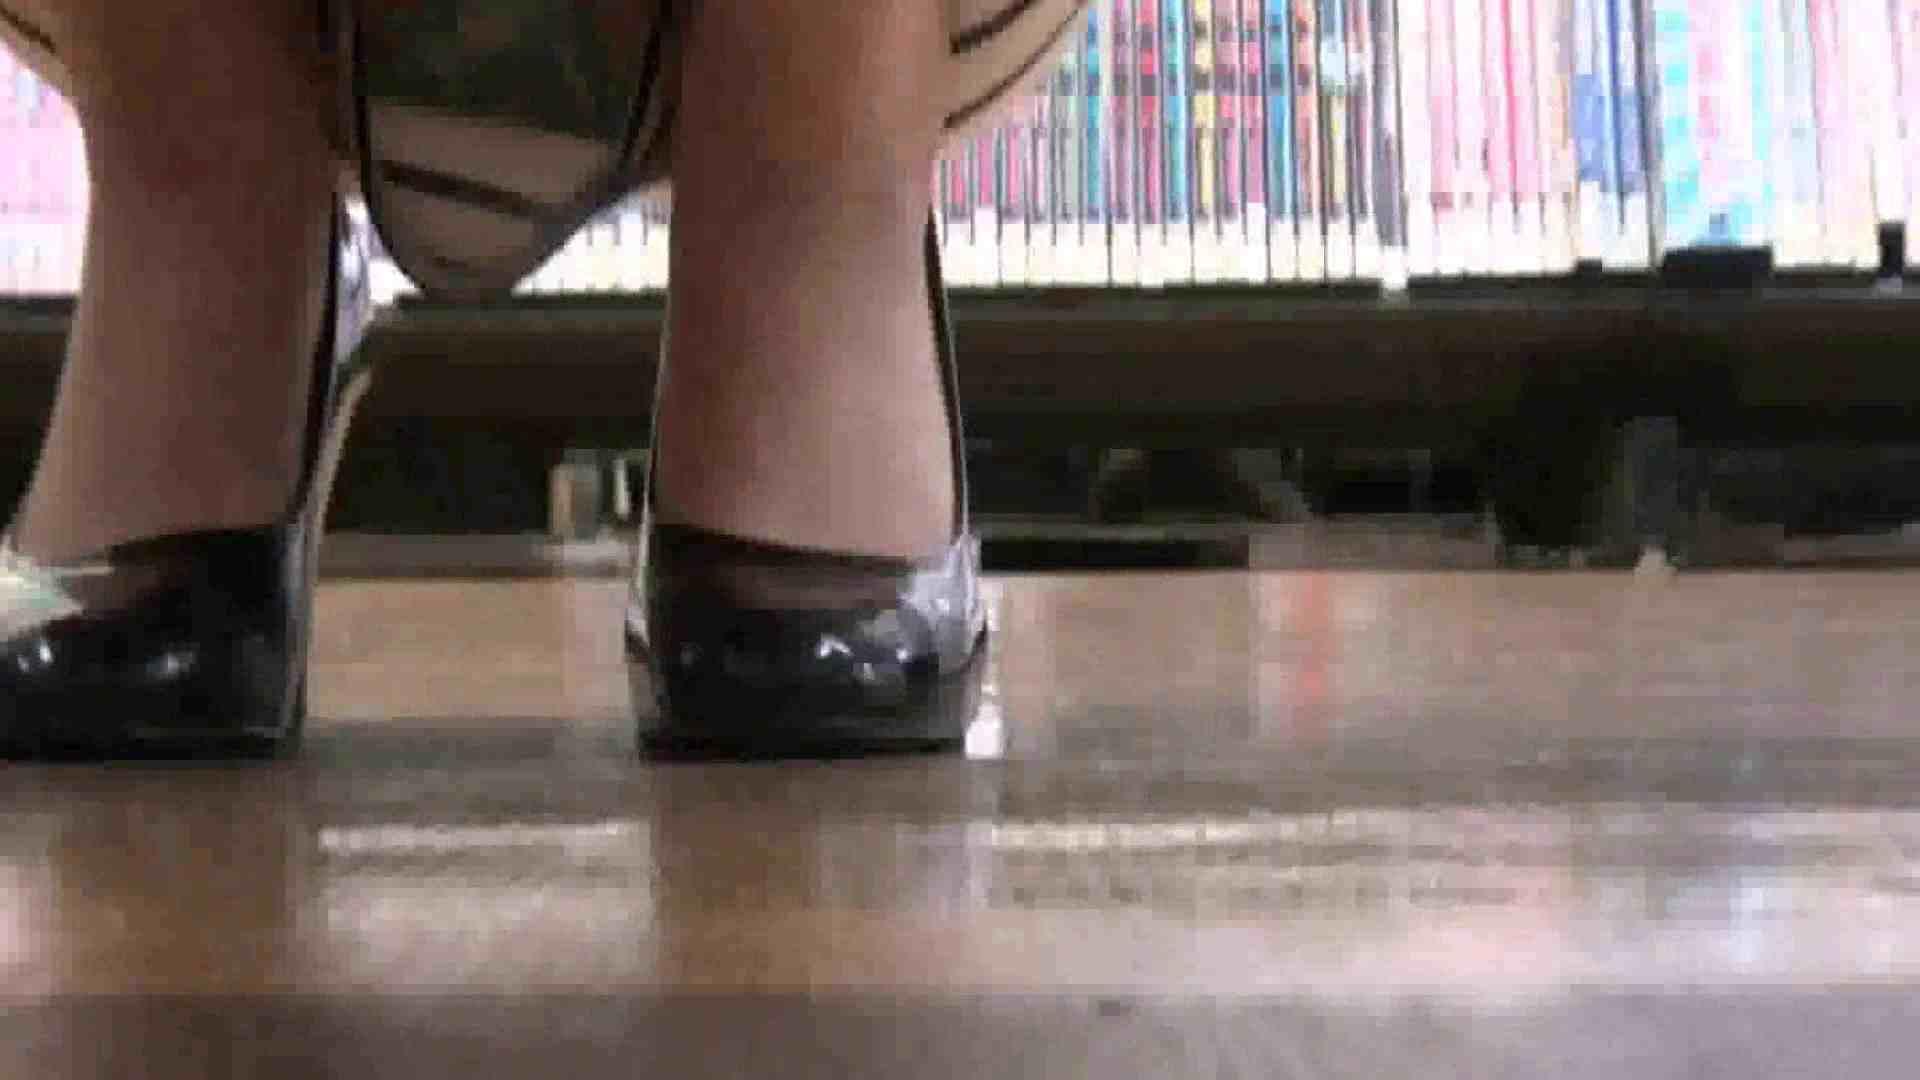 真剣に買い物中のgal達を上から下から狙います。vol.01